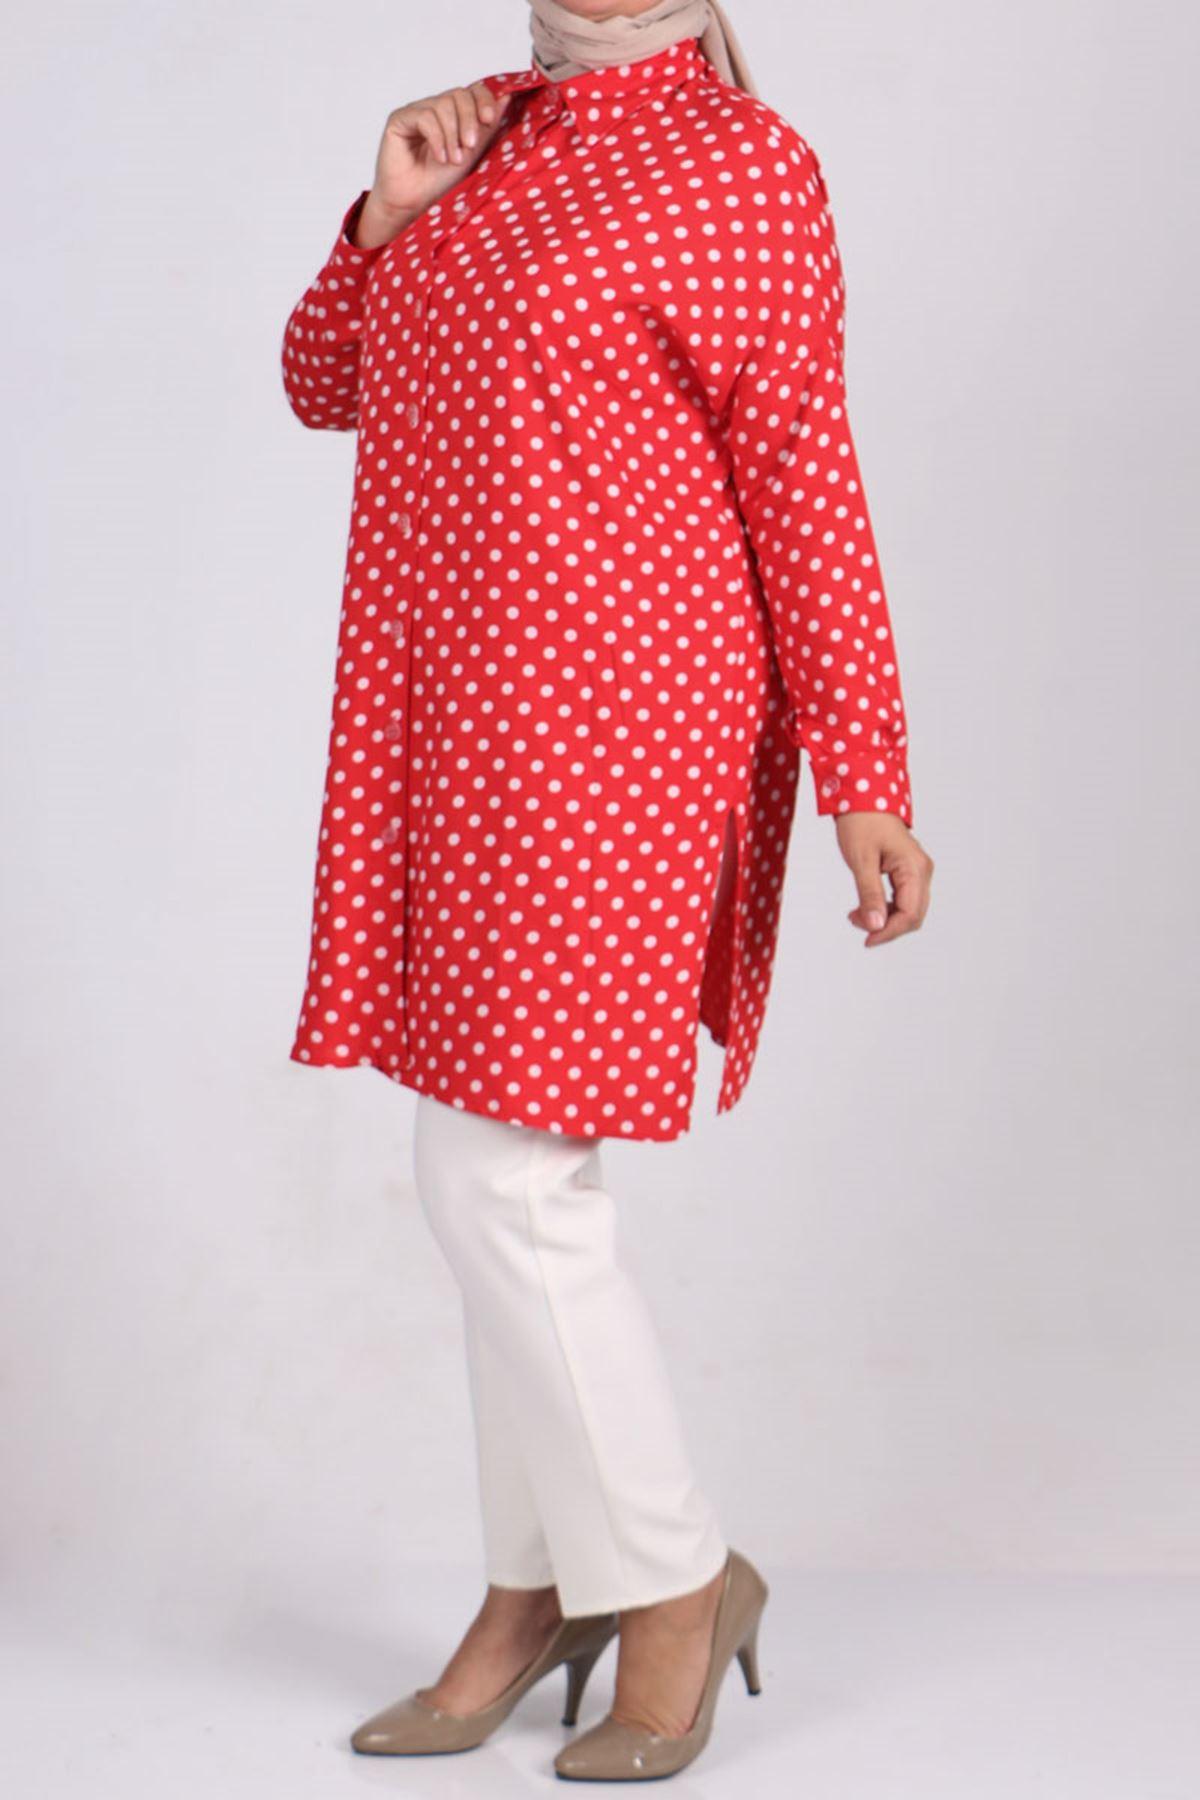 8474 قميص مقاس كبير بأكمام منخفضة - أحمر - أبيض منقط